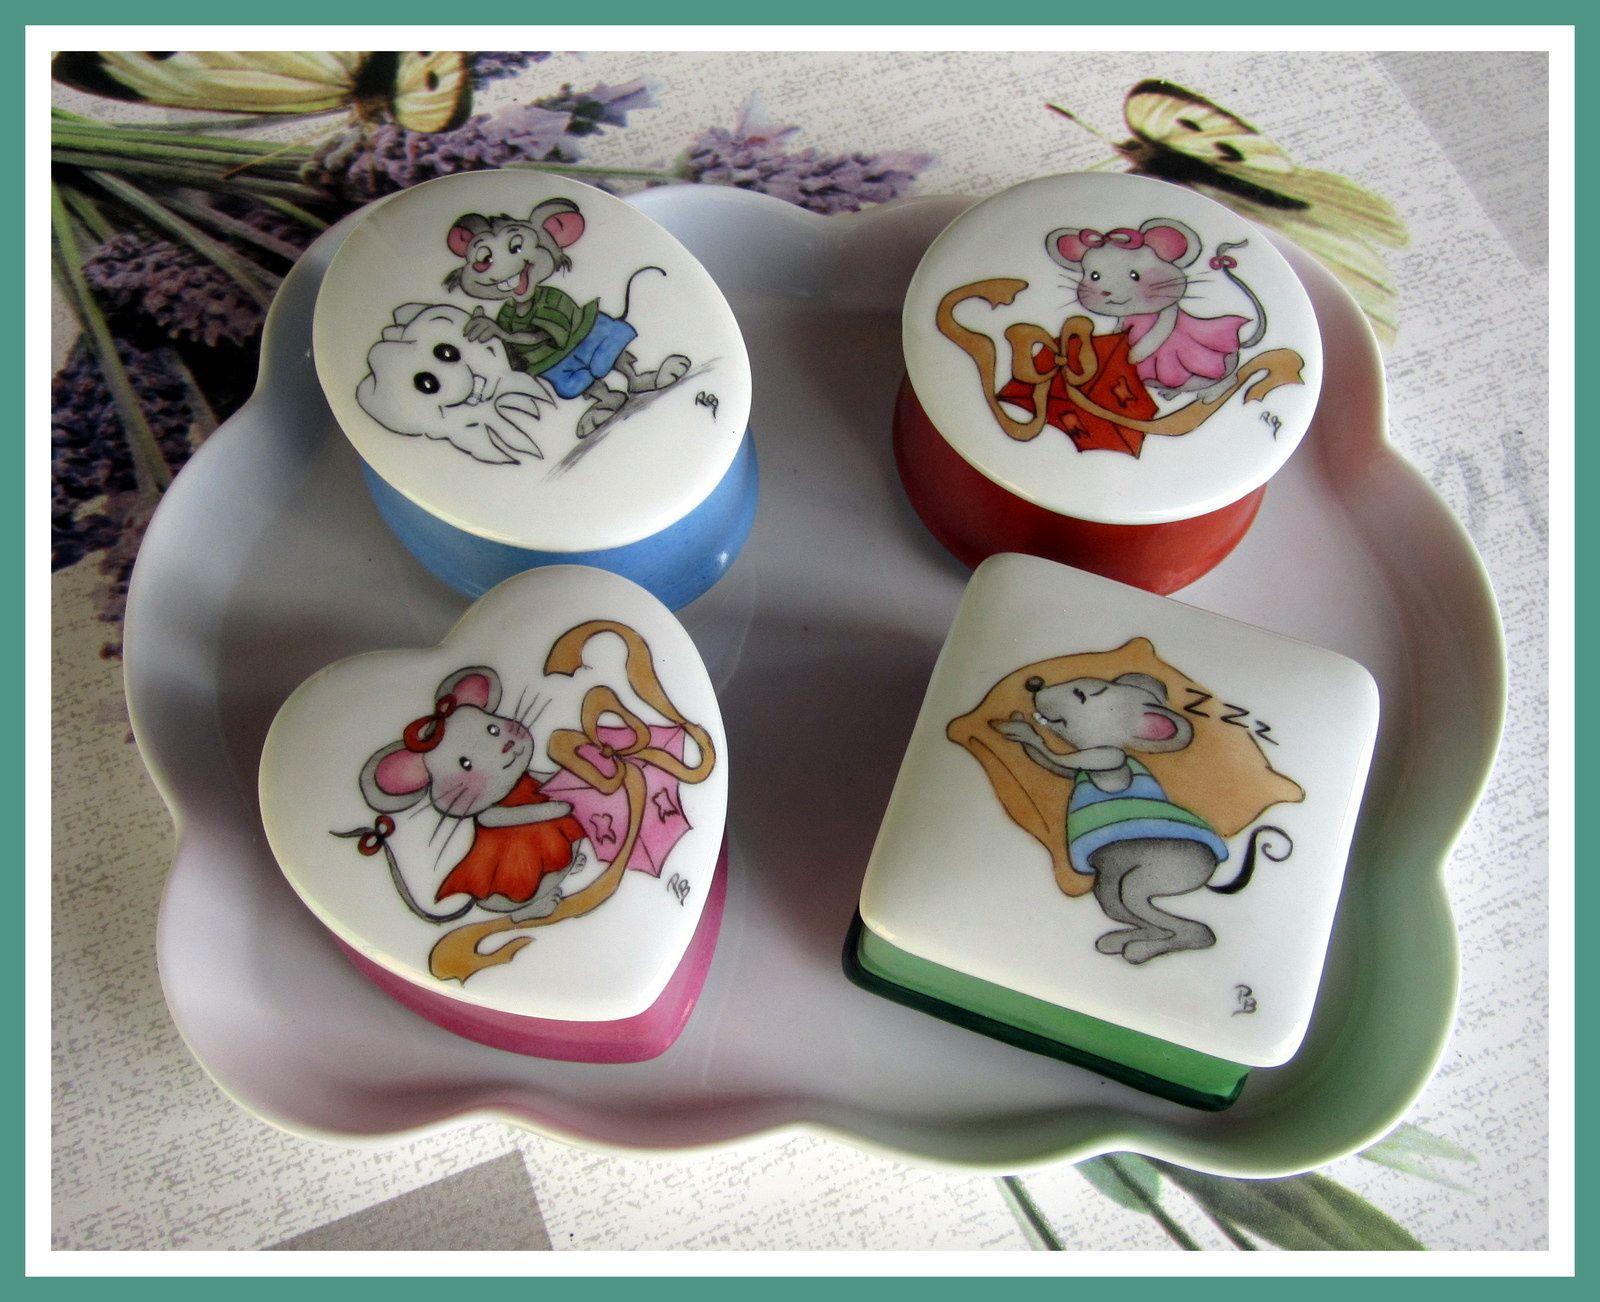 nouveaut s mod les pour enfants porcelaine peinte peinture sur porcelaine et porcelaine. Black Bedroom Furniture Sets. Home Design Ideas